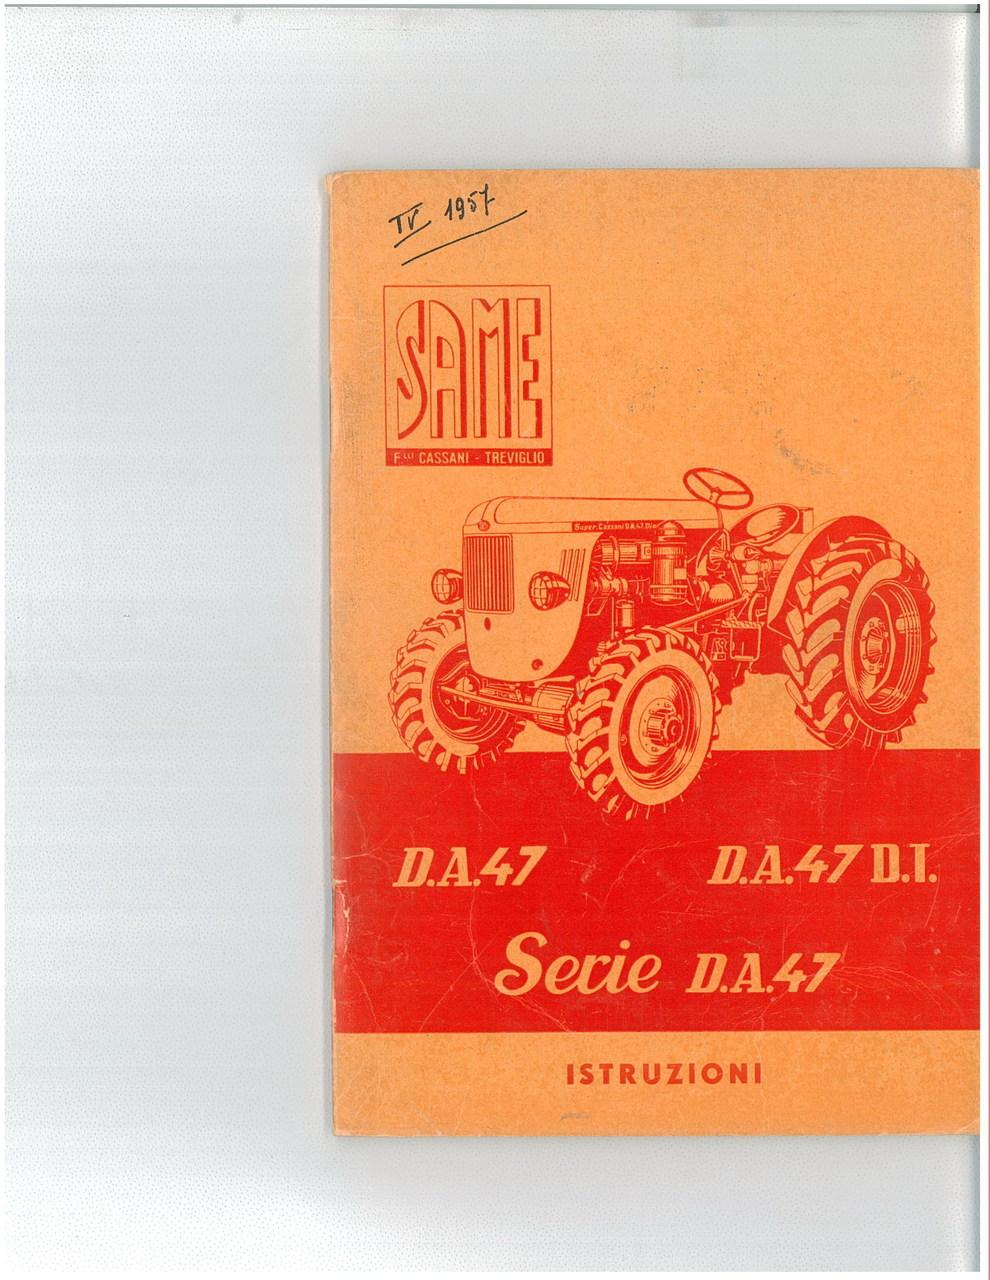 D.A. 47 - D.A. 47 D.T.- SERIE D.A. 47 - Libretto uso & manutenzione